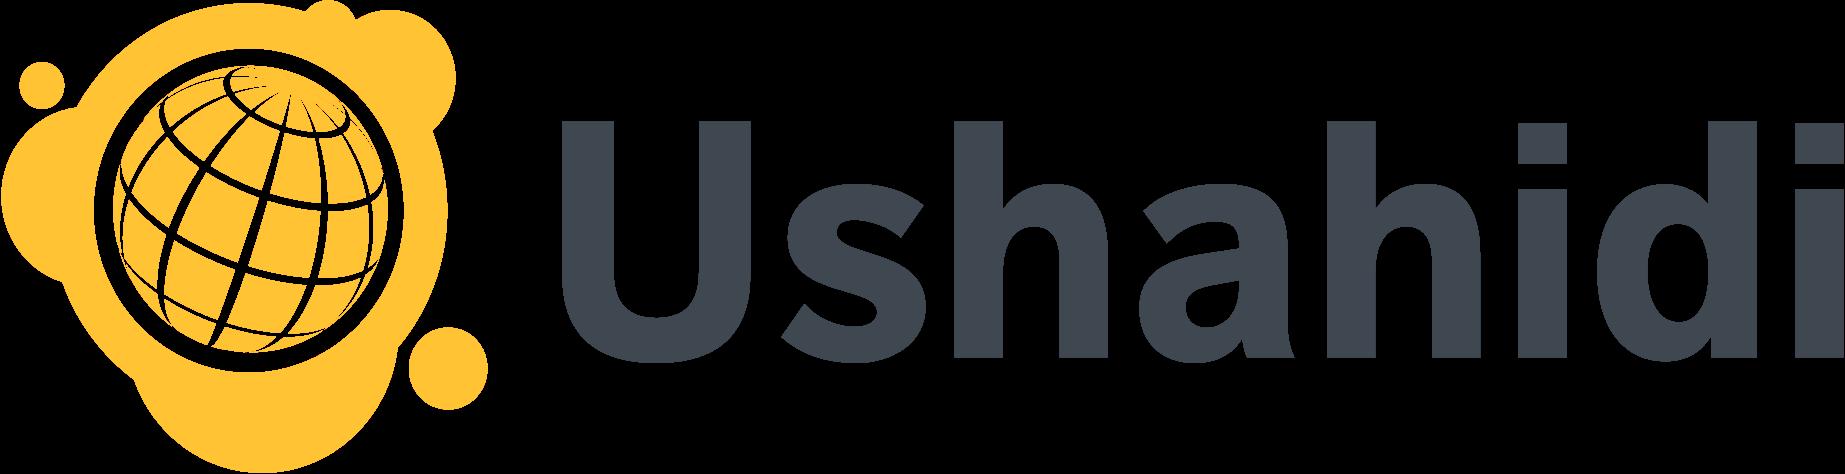 Ushahidi Inc